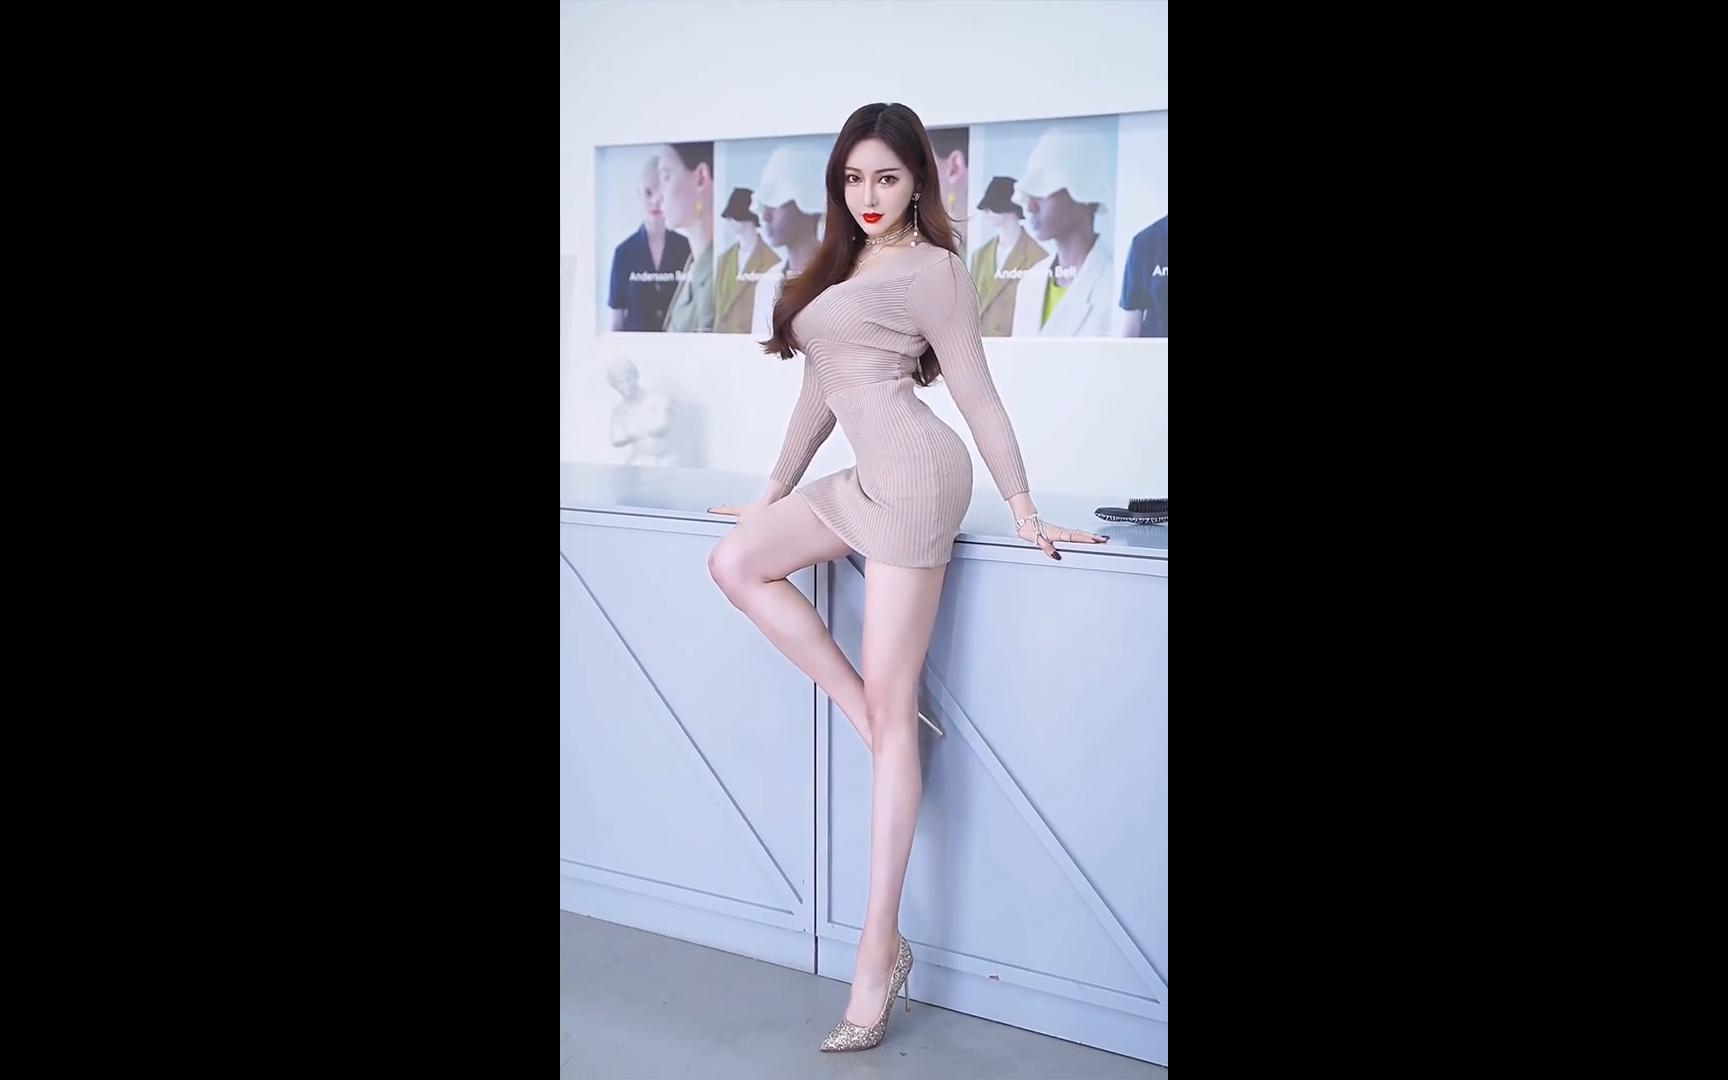 【抖音 合輯】可以讓你欲罷不能嗎?  抖音短視頻top10 - 美女小姐姐搞笑热门(2021)